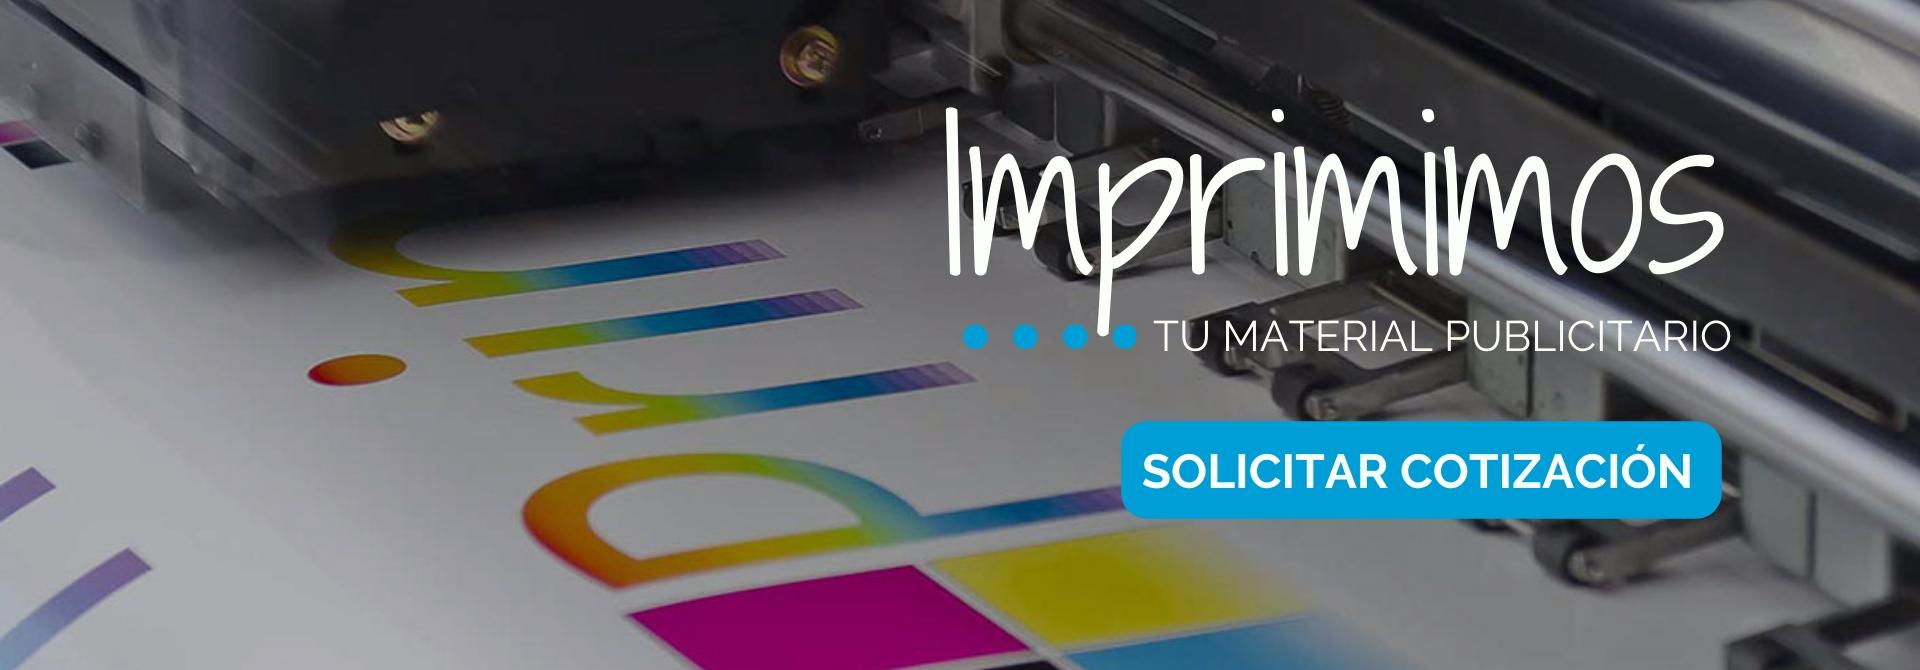 Imprimimos tu material publicitario en marketgraf.com